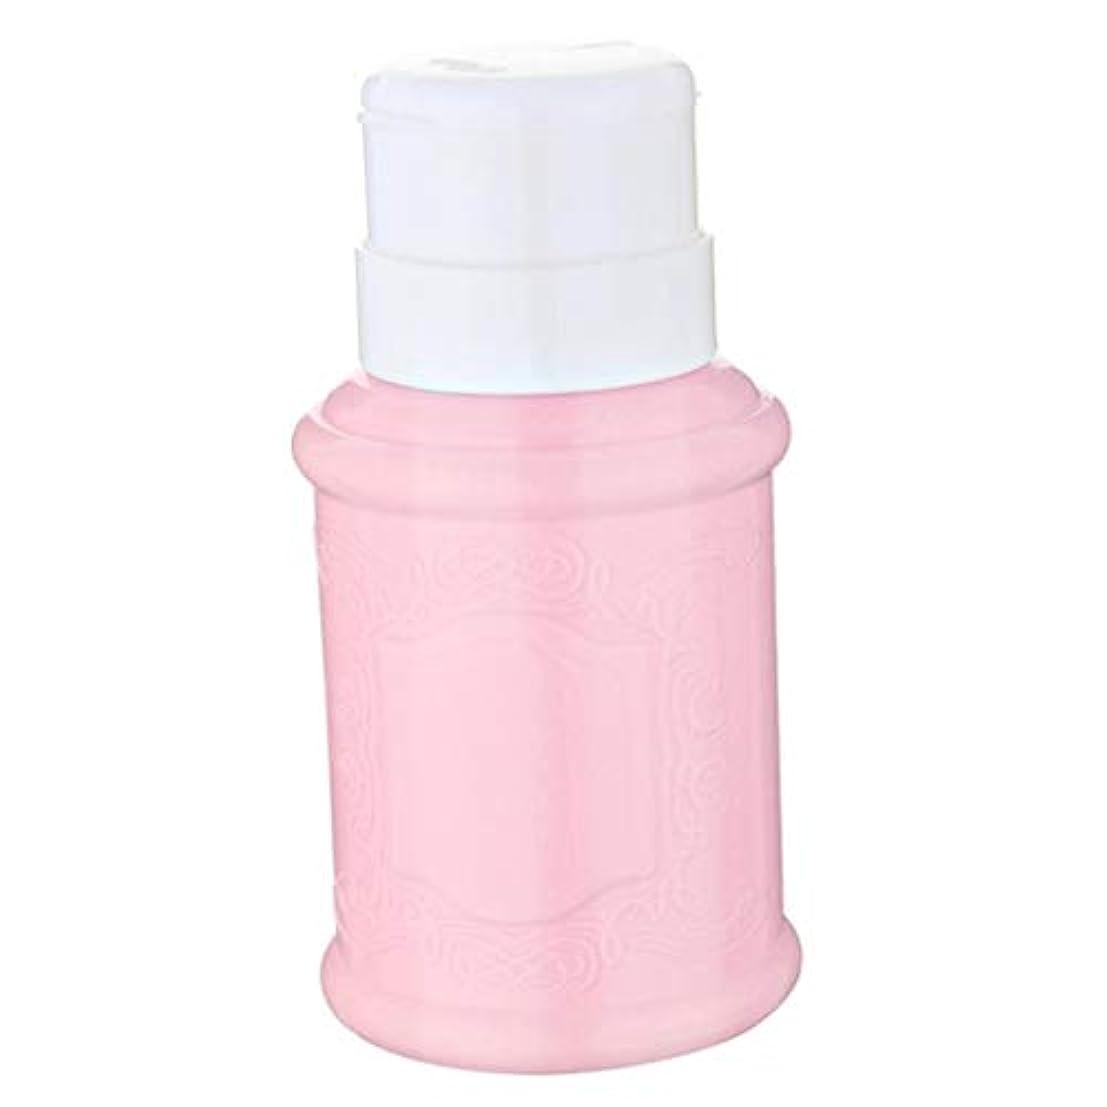 残酷葉巻かわすCUTICATE 全3色 空ポンプ ボトル ネイルクリーナーボトル ポンプディスペンサー ジェルクリーナ - ピンク